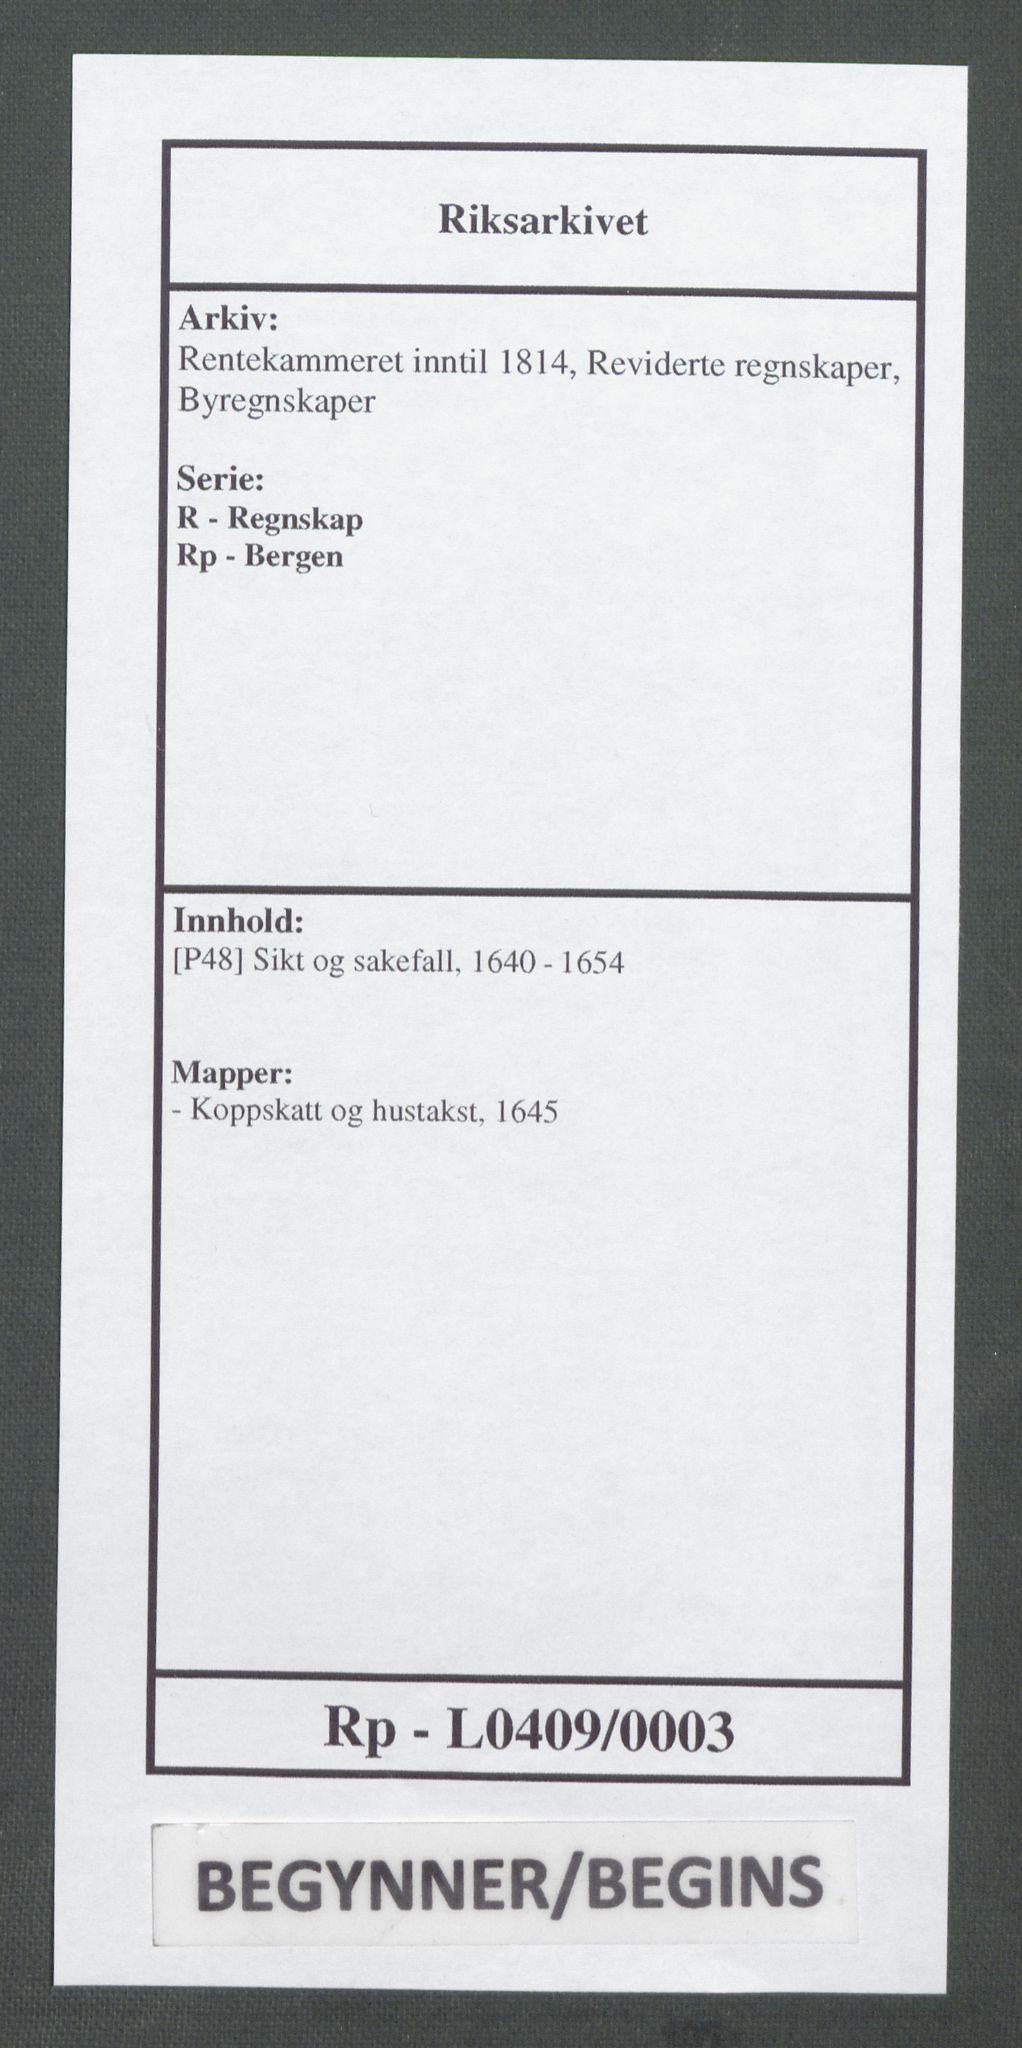 RA, Rentekammeret inntil 1814, Reviderte regnskaper, Byregnskaper, R/Rp/L0409: [P48] Sikt og sakefall, 1640-1654, s. 1